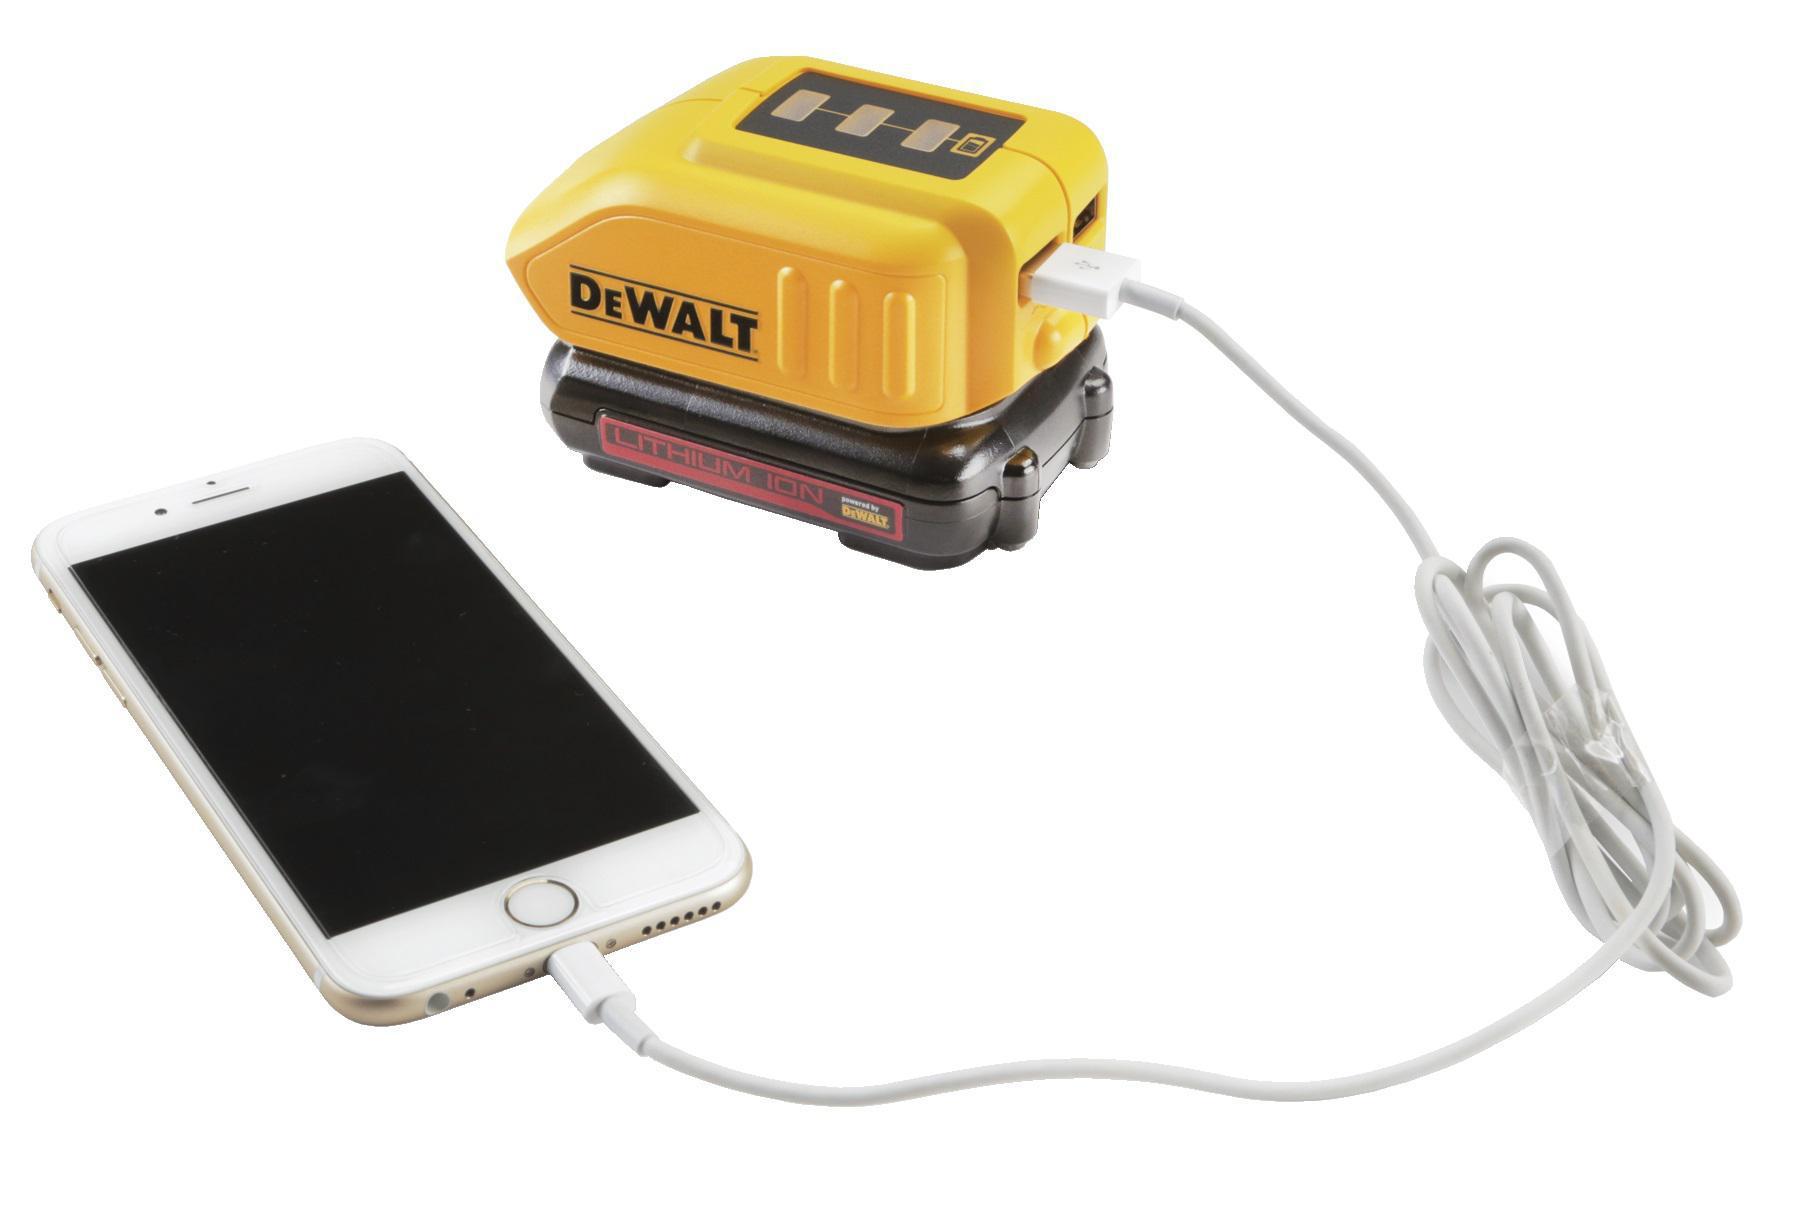 Набор Dewalt Дрель-шуруповерт dcd777s2t-qw +Зарядное устройство dcb090 usb